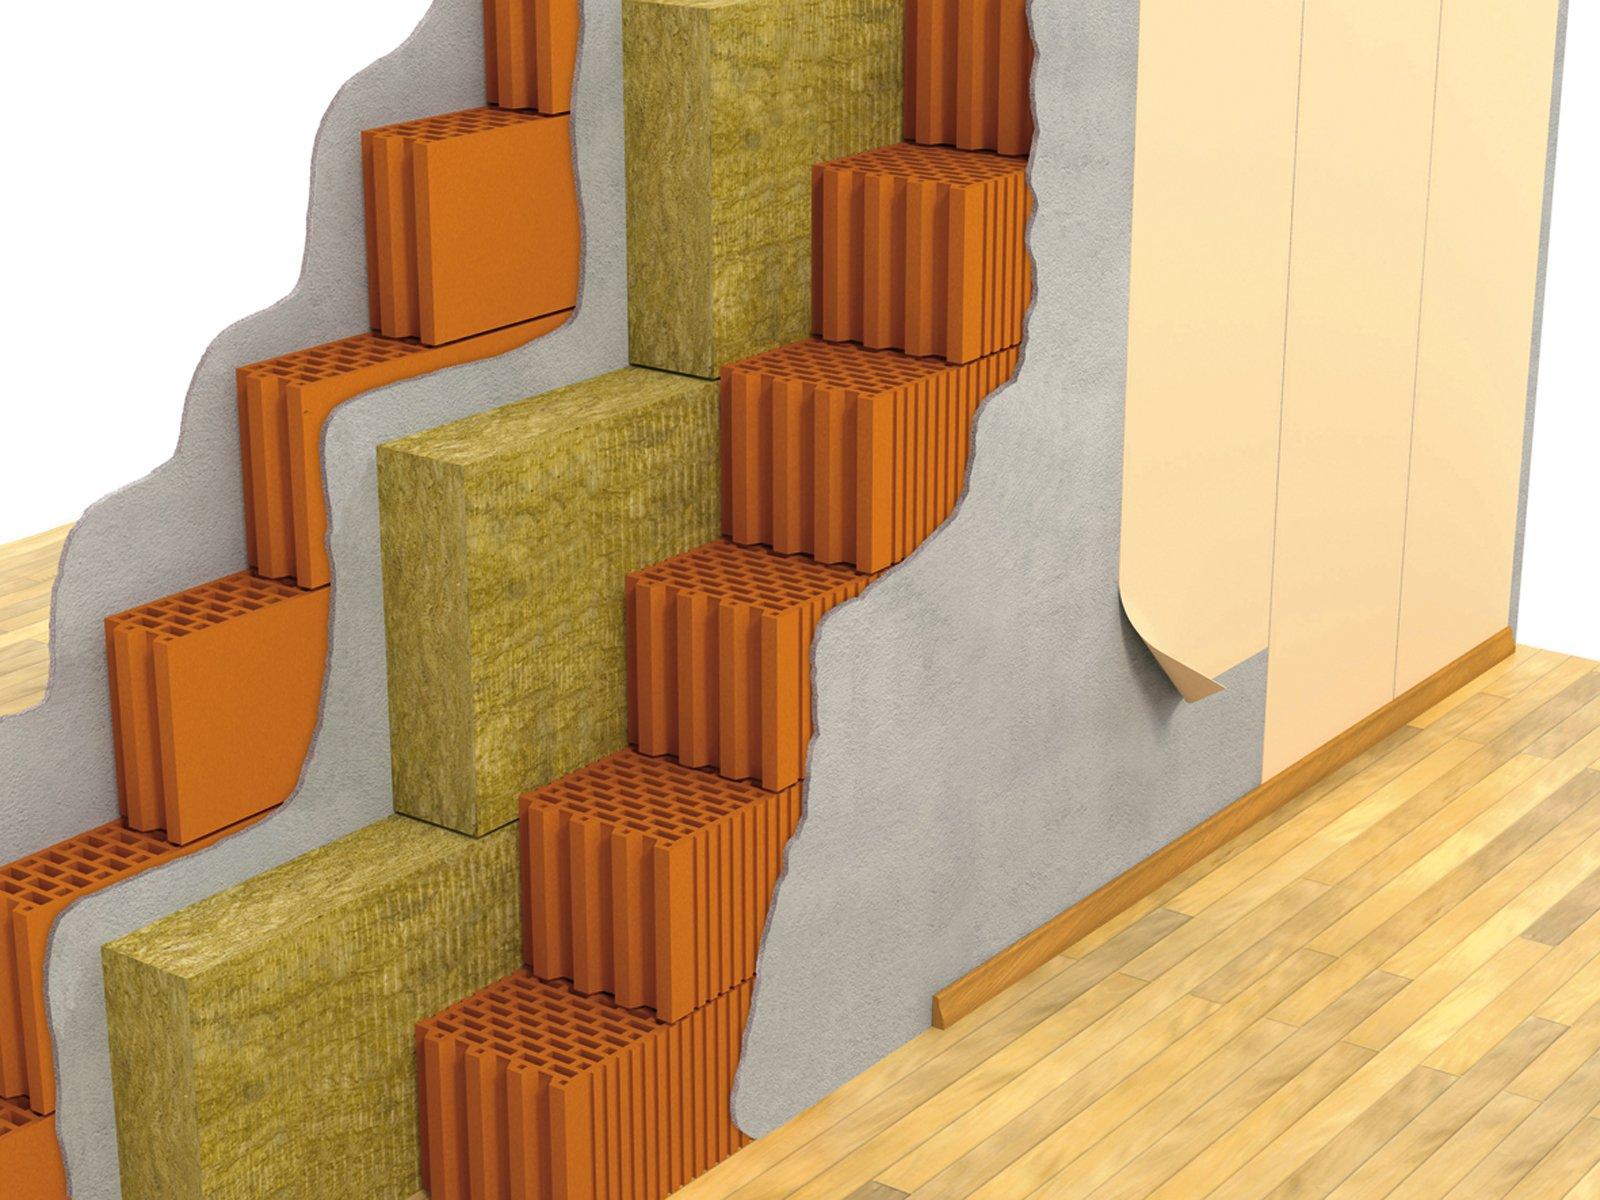 Casa moderna roma italy isolante termico pareti interne - Isolamento termico dall interno ...